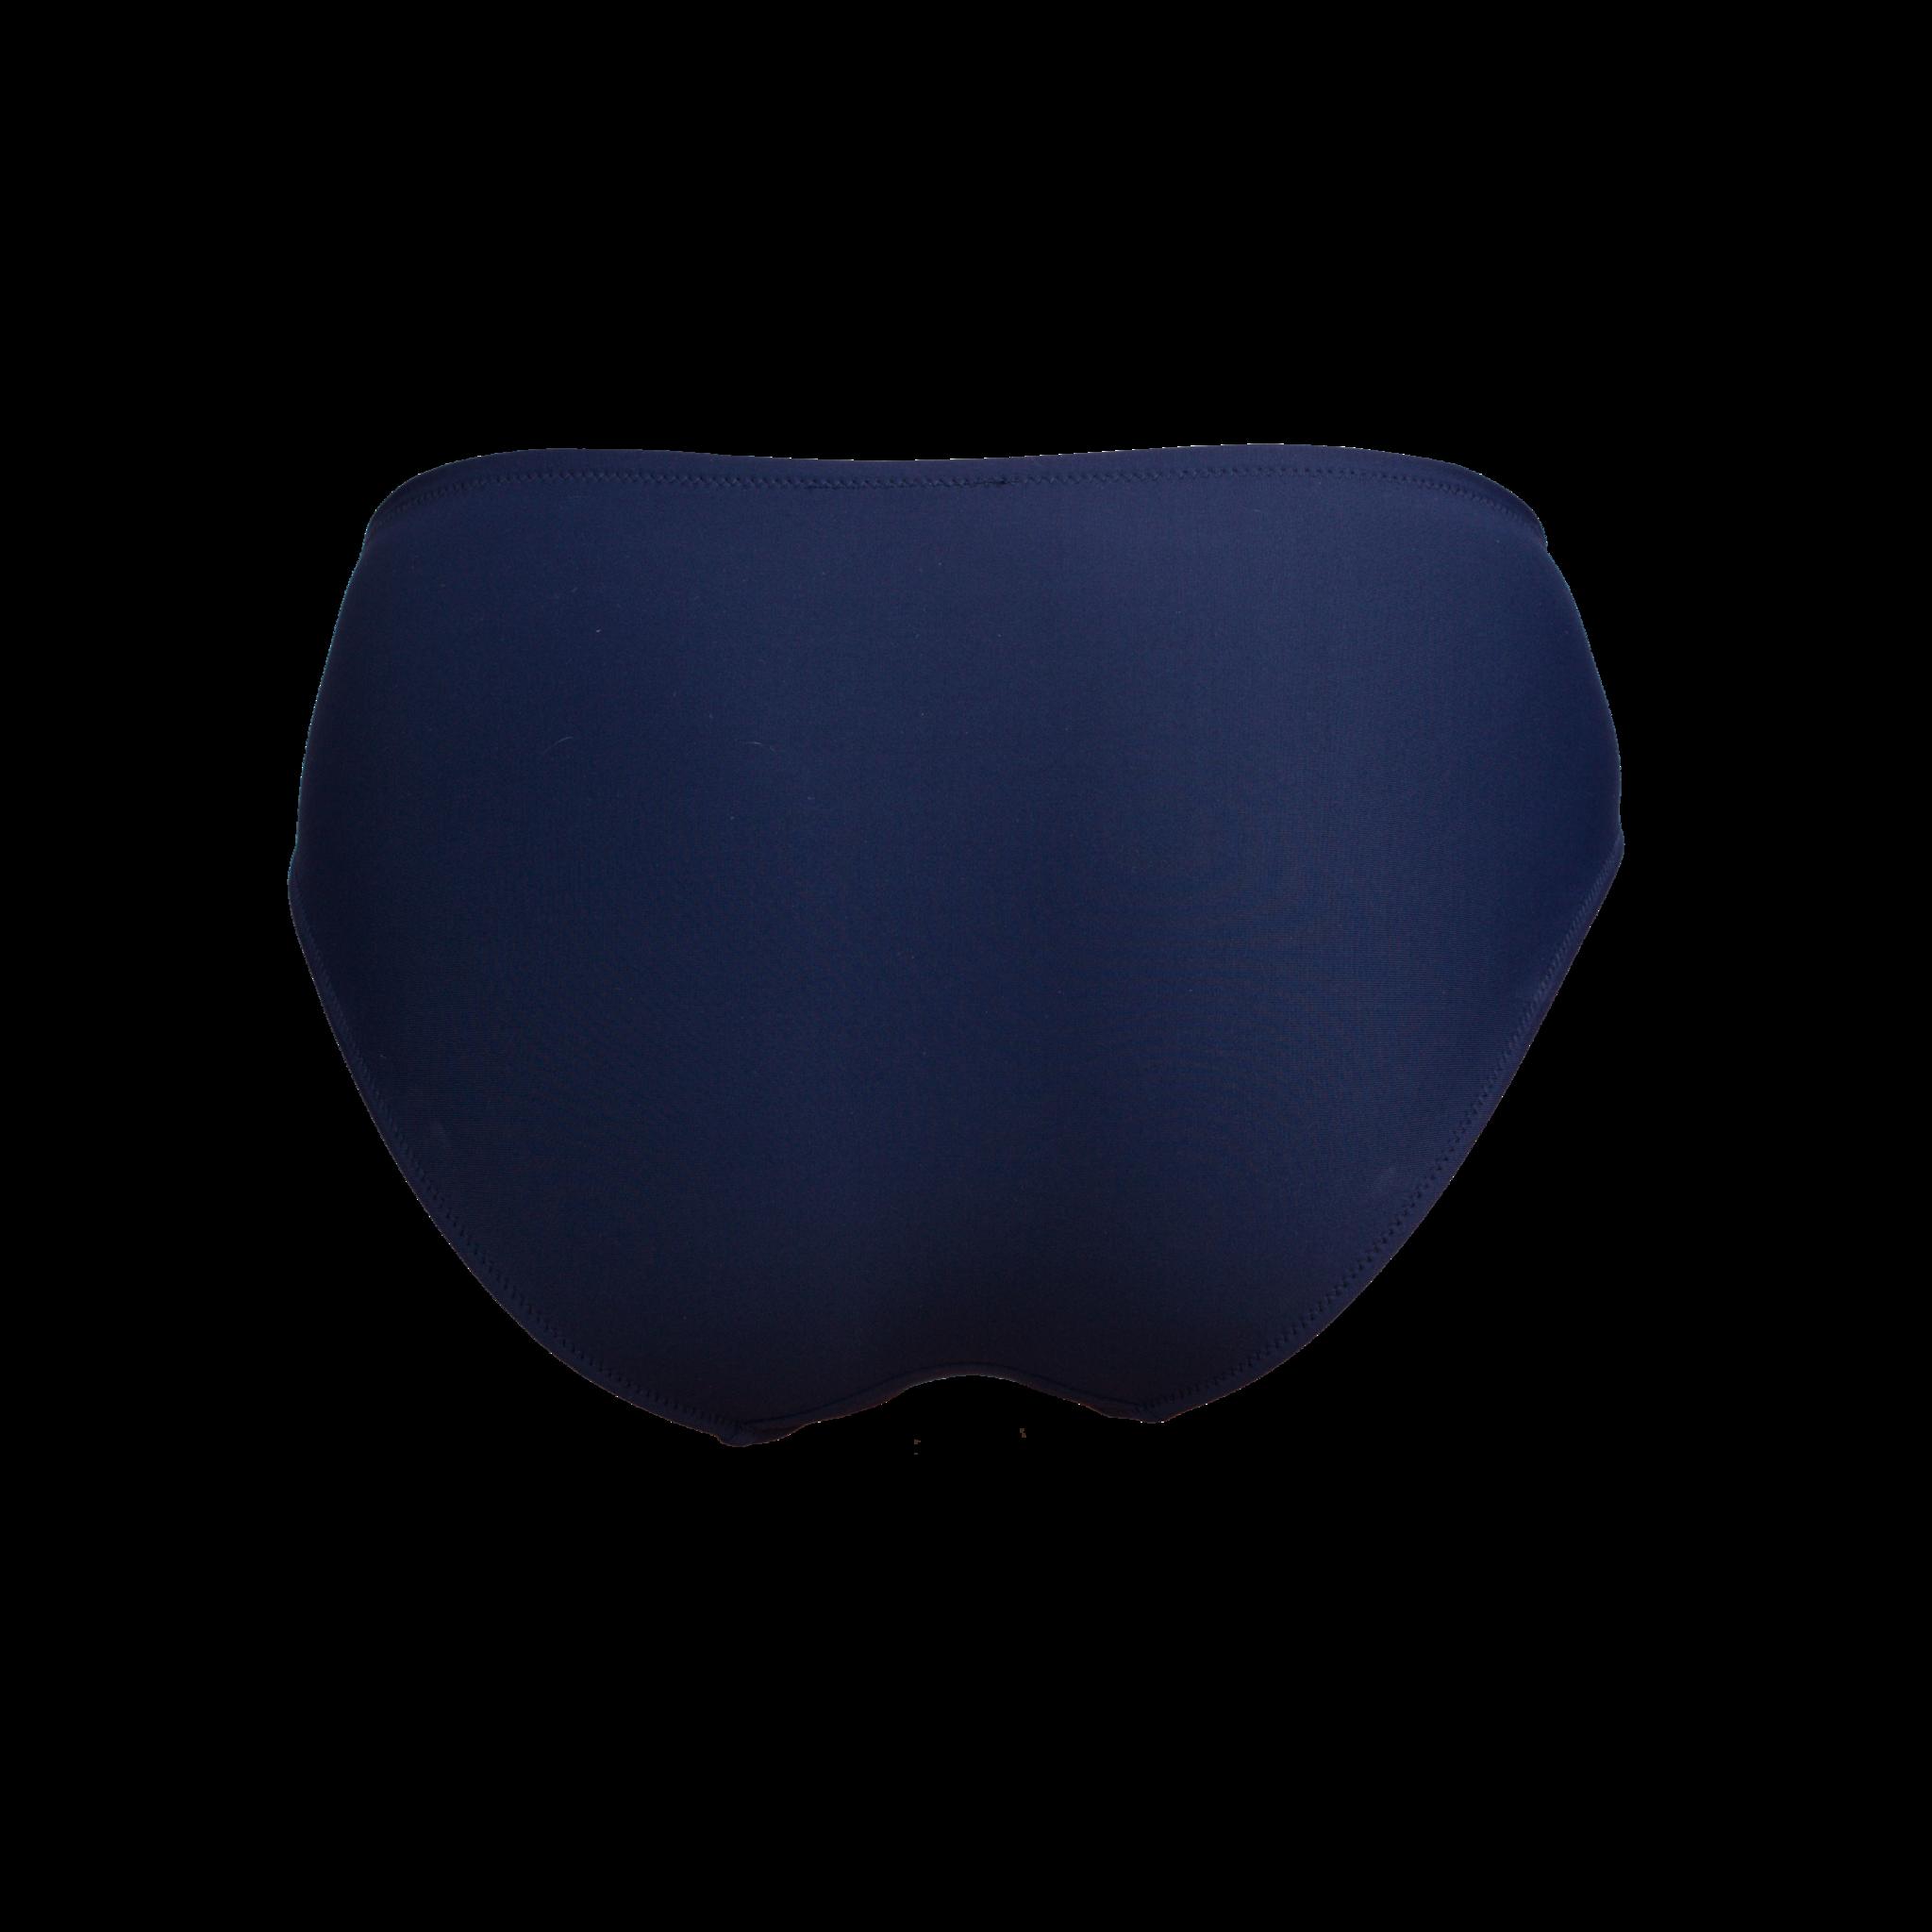 480125 Трусы купальные жен. синий